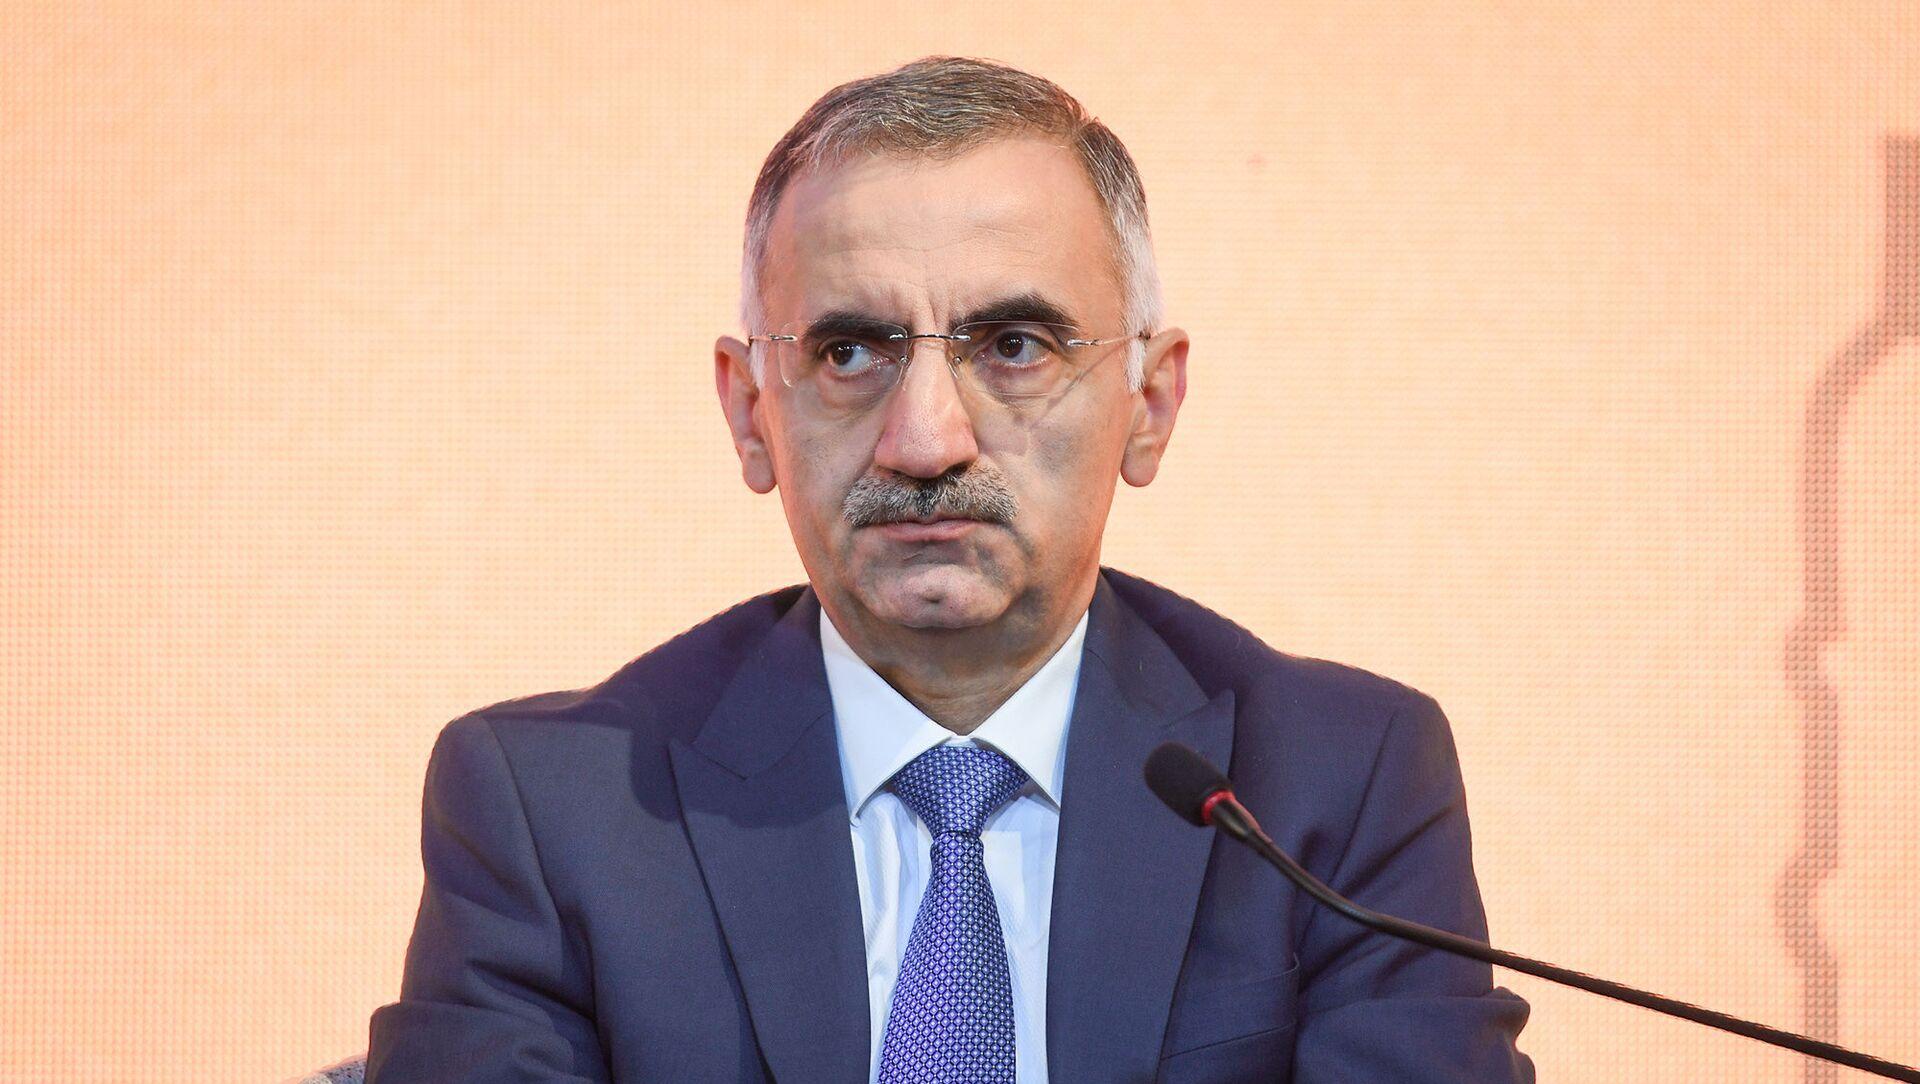 Заместитель министра транспорта, связи и высоких технологий Эльмир Велизаде - Sputnik Azərbaycan, 1920, 11.09.2021